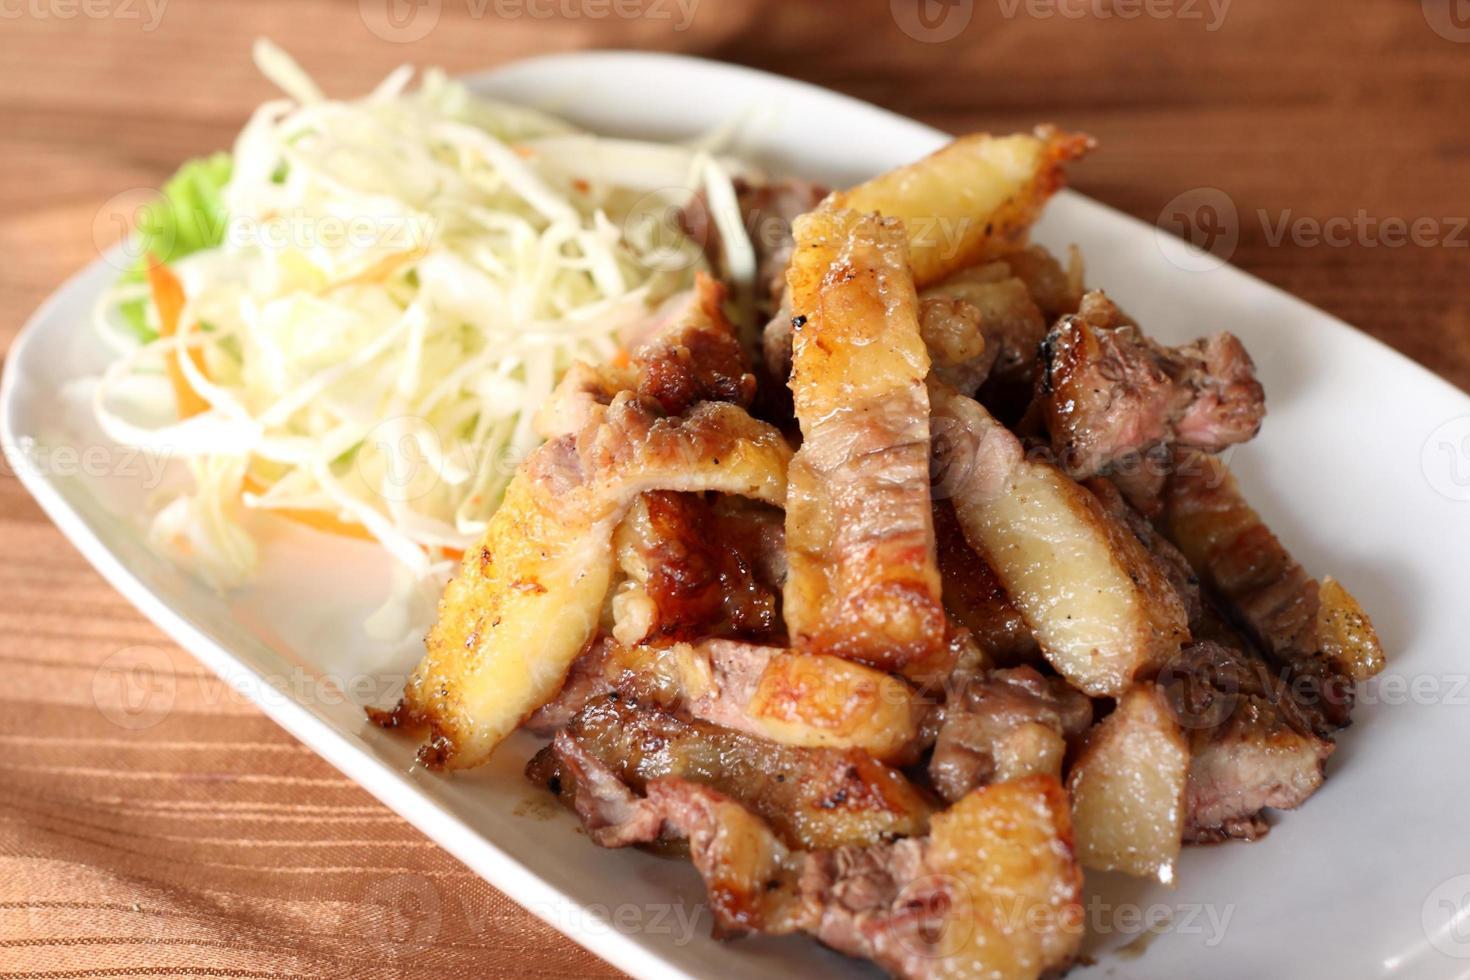 grillad griskött brisket skivad recept. foto